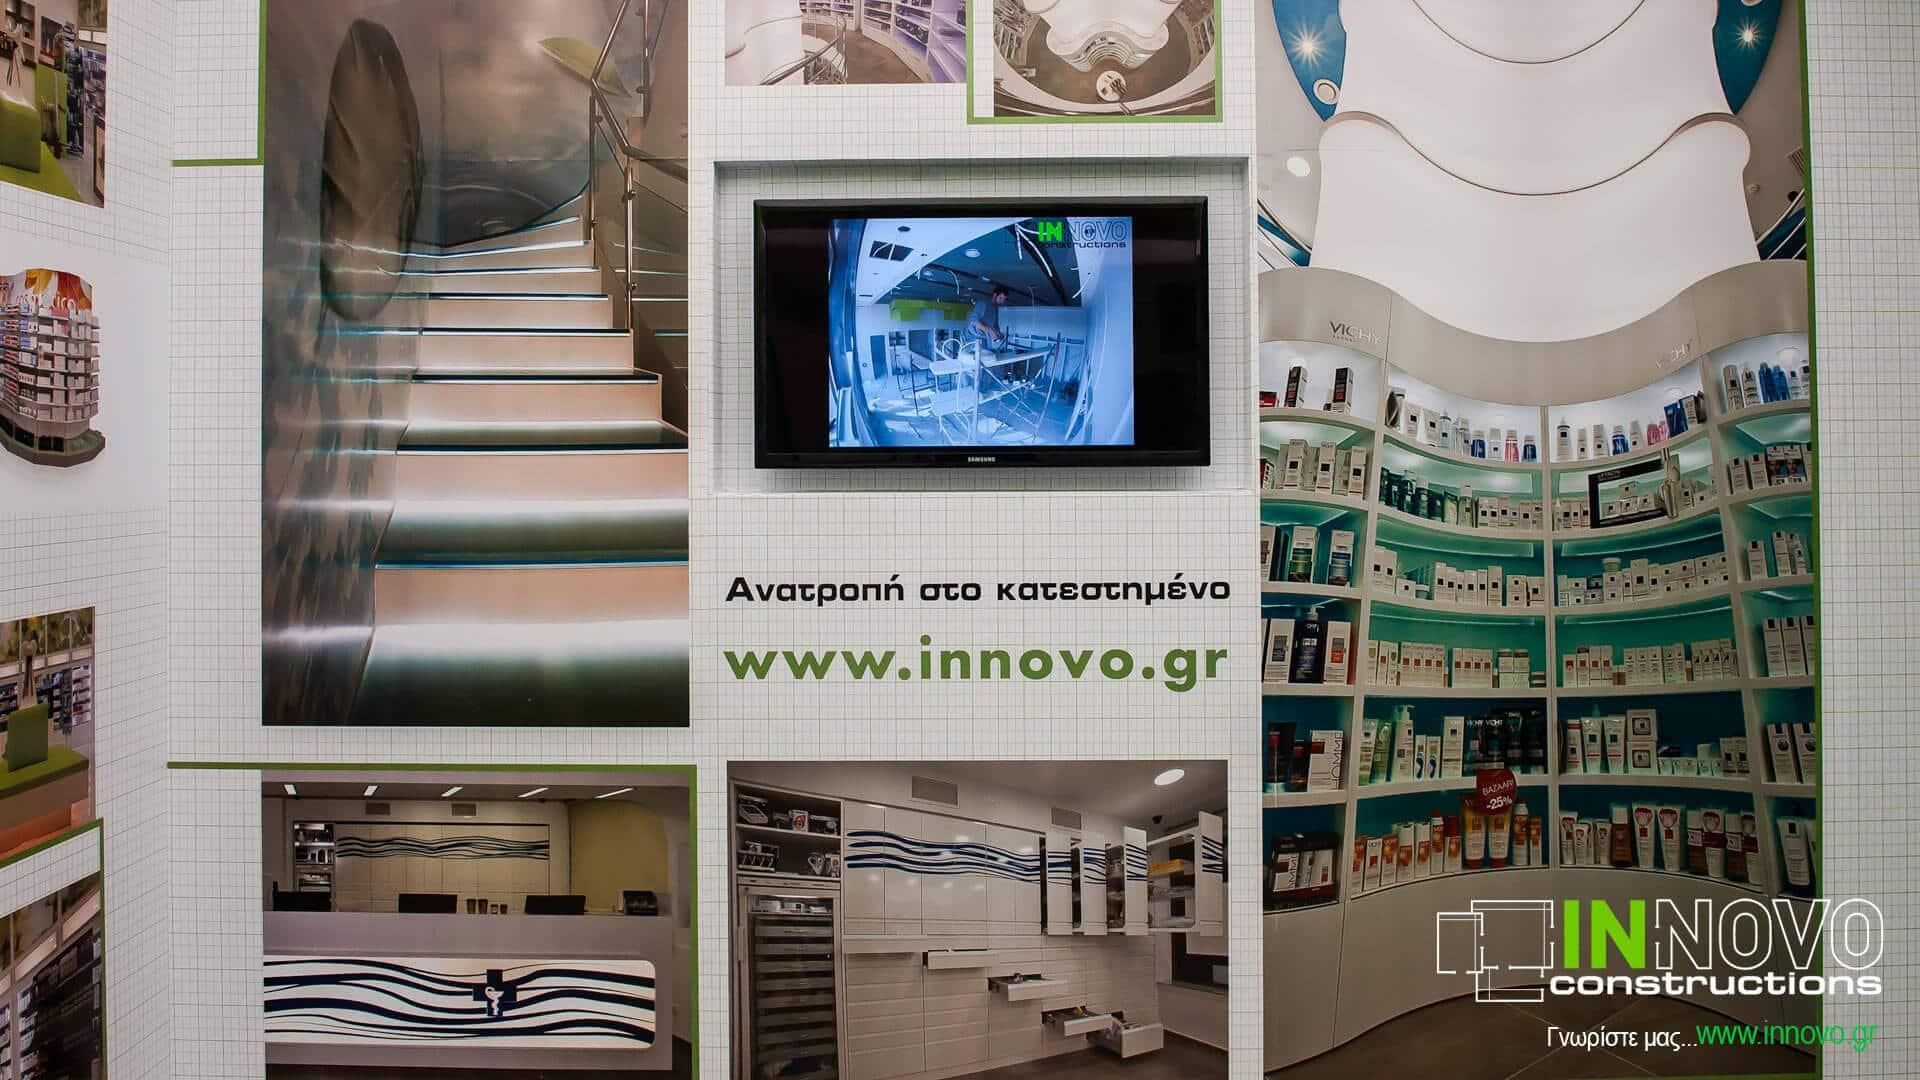 kataskevi-peripterou-exhibition-stand-construction-periptero-mas-hellaspharm2012-5